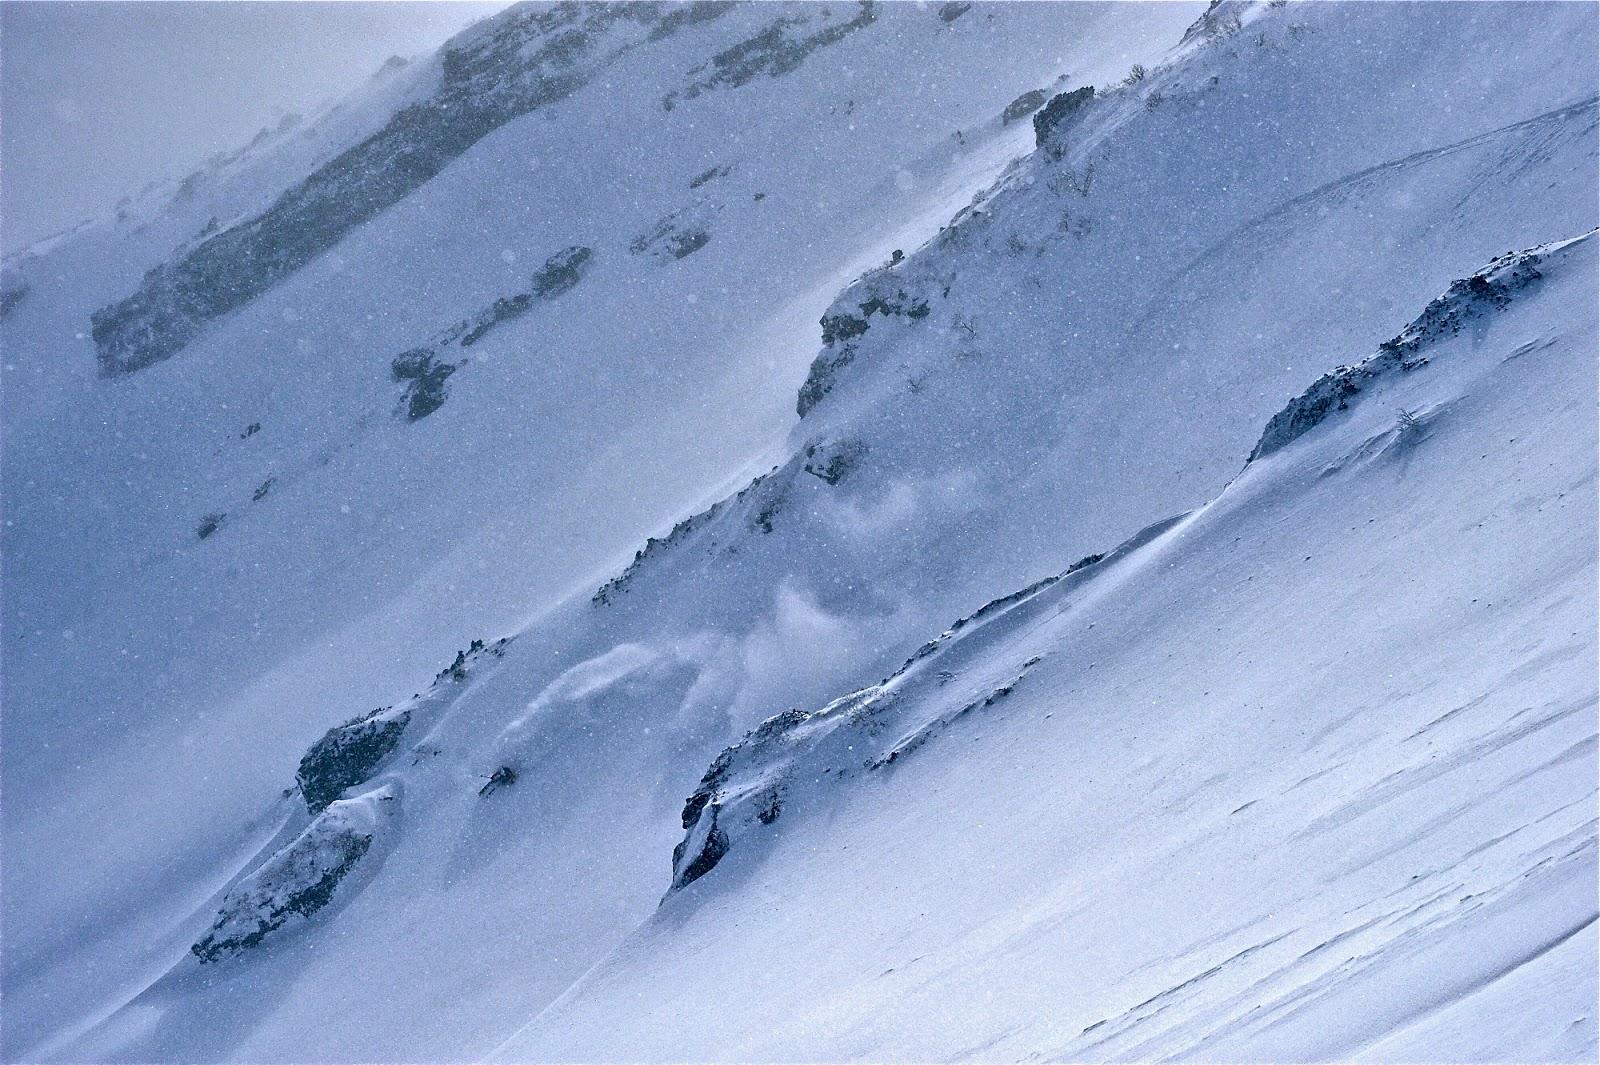 岩手山 ハート沢 スキー SKI ALAIN KAJITA 梶田 アレン 亜連